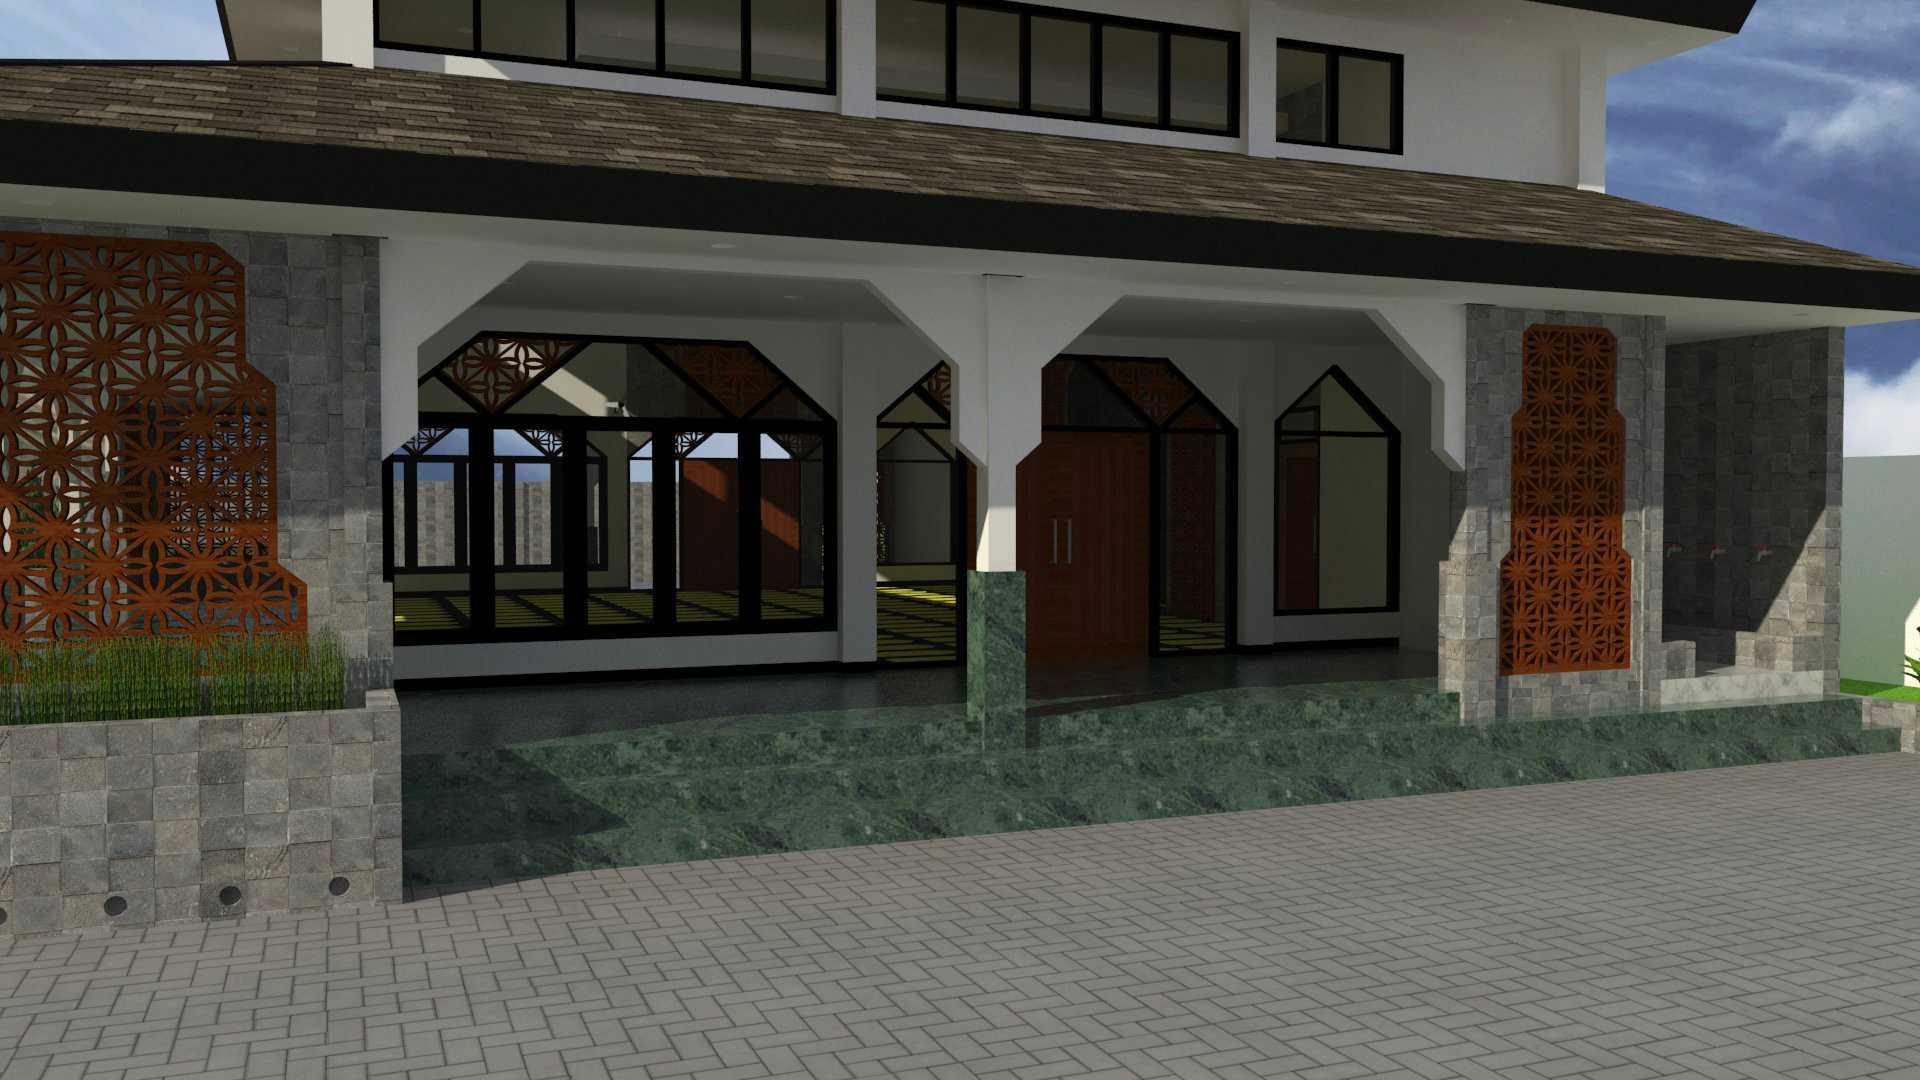 Ilham Gusti Syahadat Masjid Al-Ghaffar Malang, Kota Malang, Jawa Timur, Indonesia Malang, Kota Malang, Jawa Timur, Indonesia Exterior Masjid Al-Ghaffar Tropical 74380